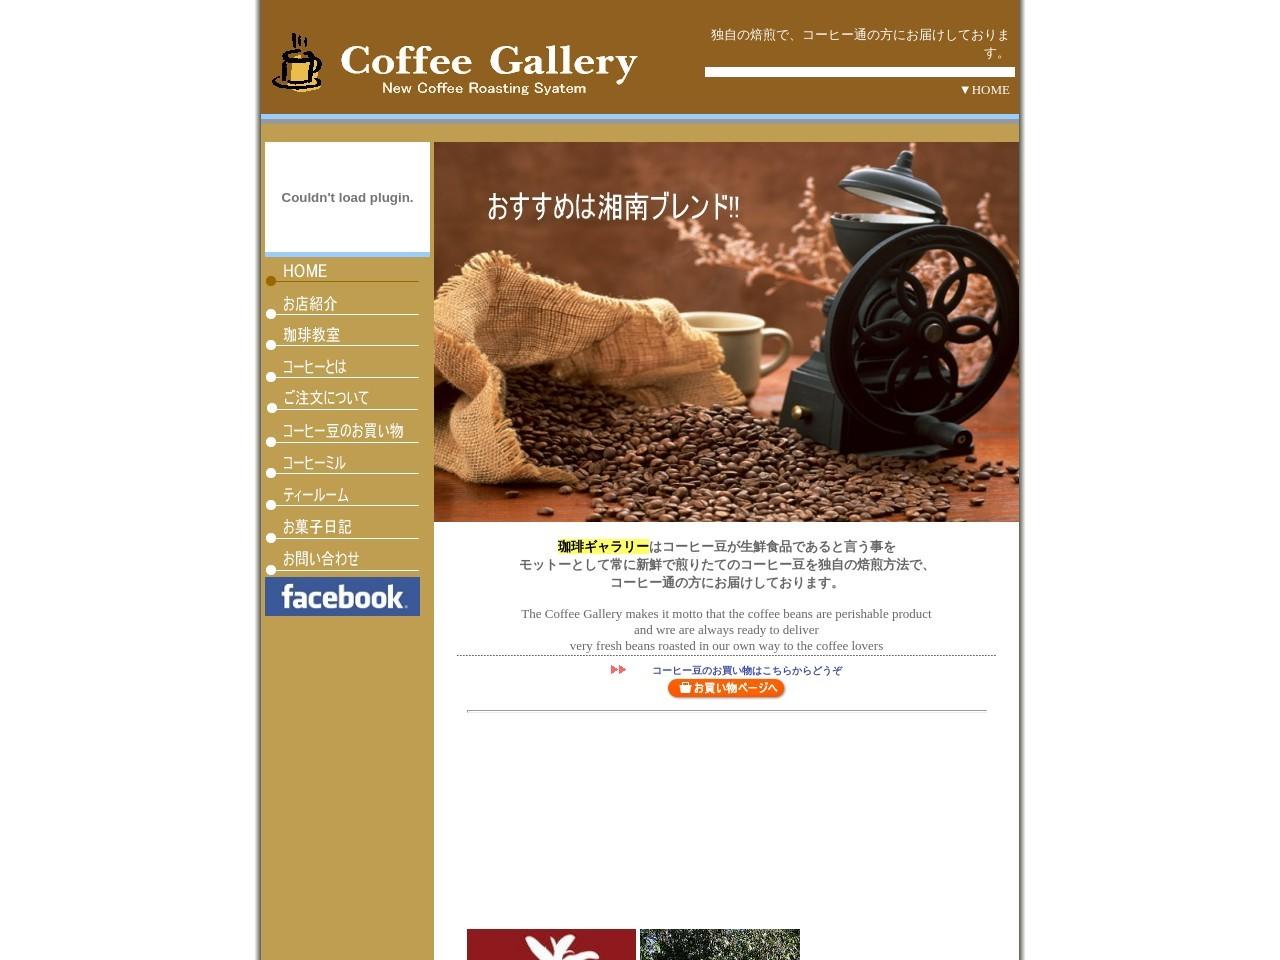 藤沢市のコーヒー専門店コーヒーギャラリー、自家焙煎で美味しいコーヒーを。